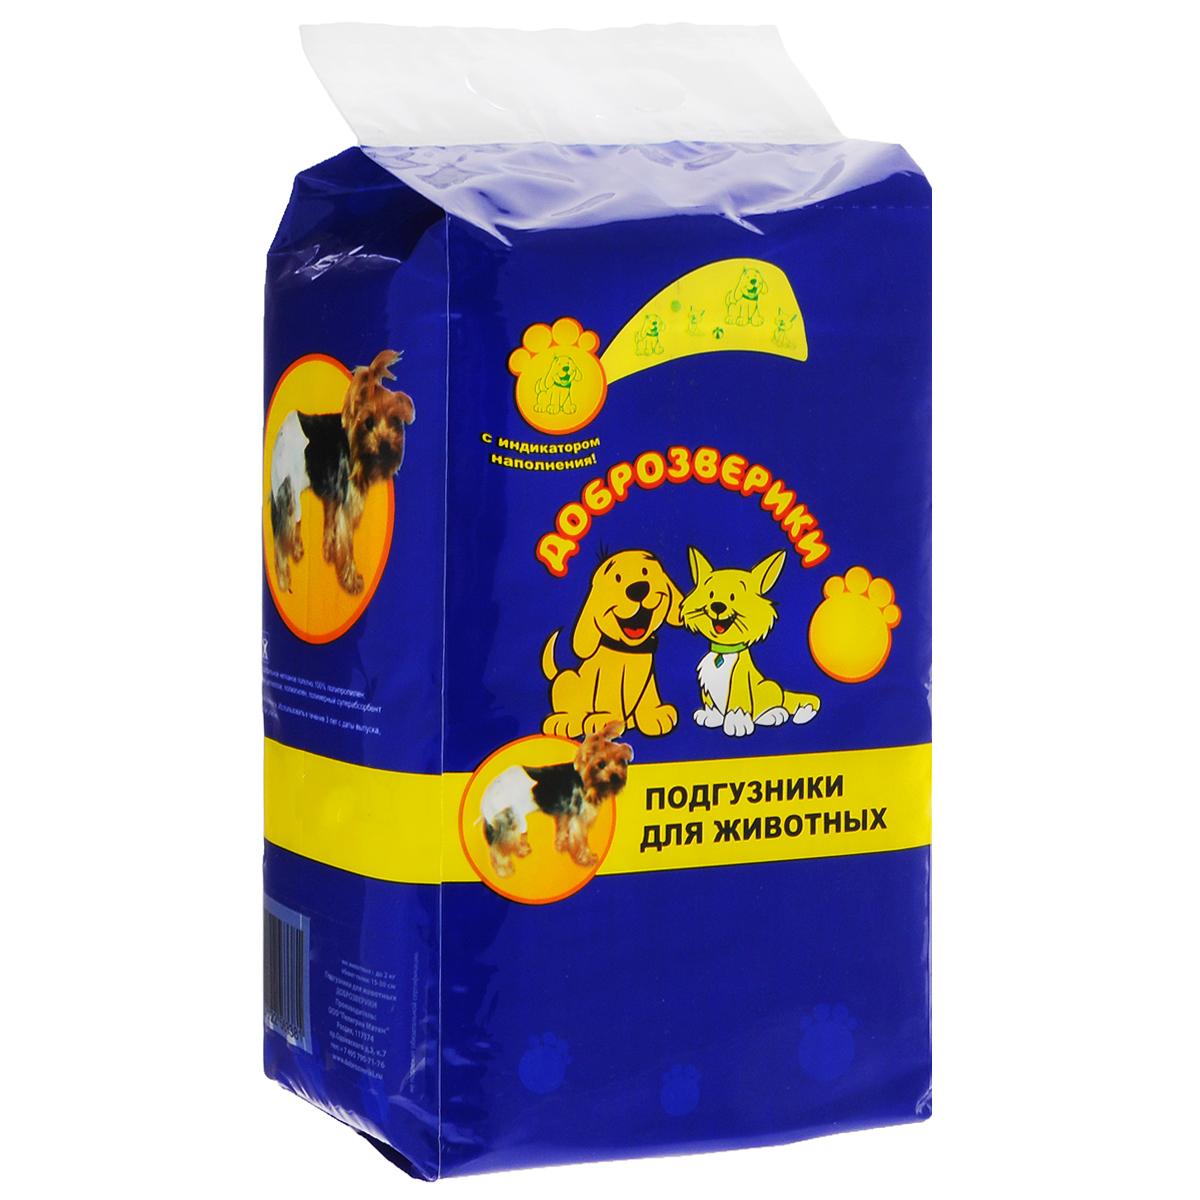 Подгузники для животных  Доброзверики , 4-7 кг, 20 шт. Размер S - Средства для ухода и гигиены